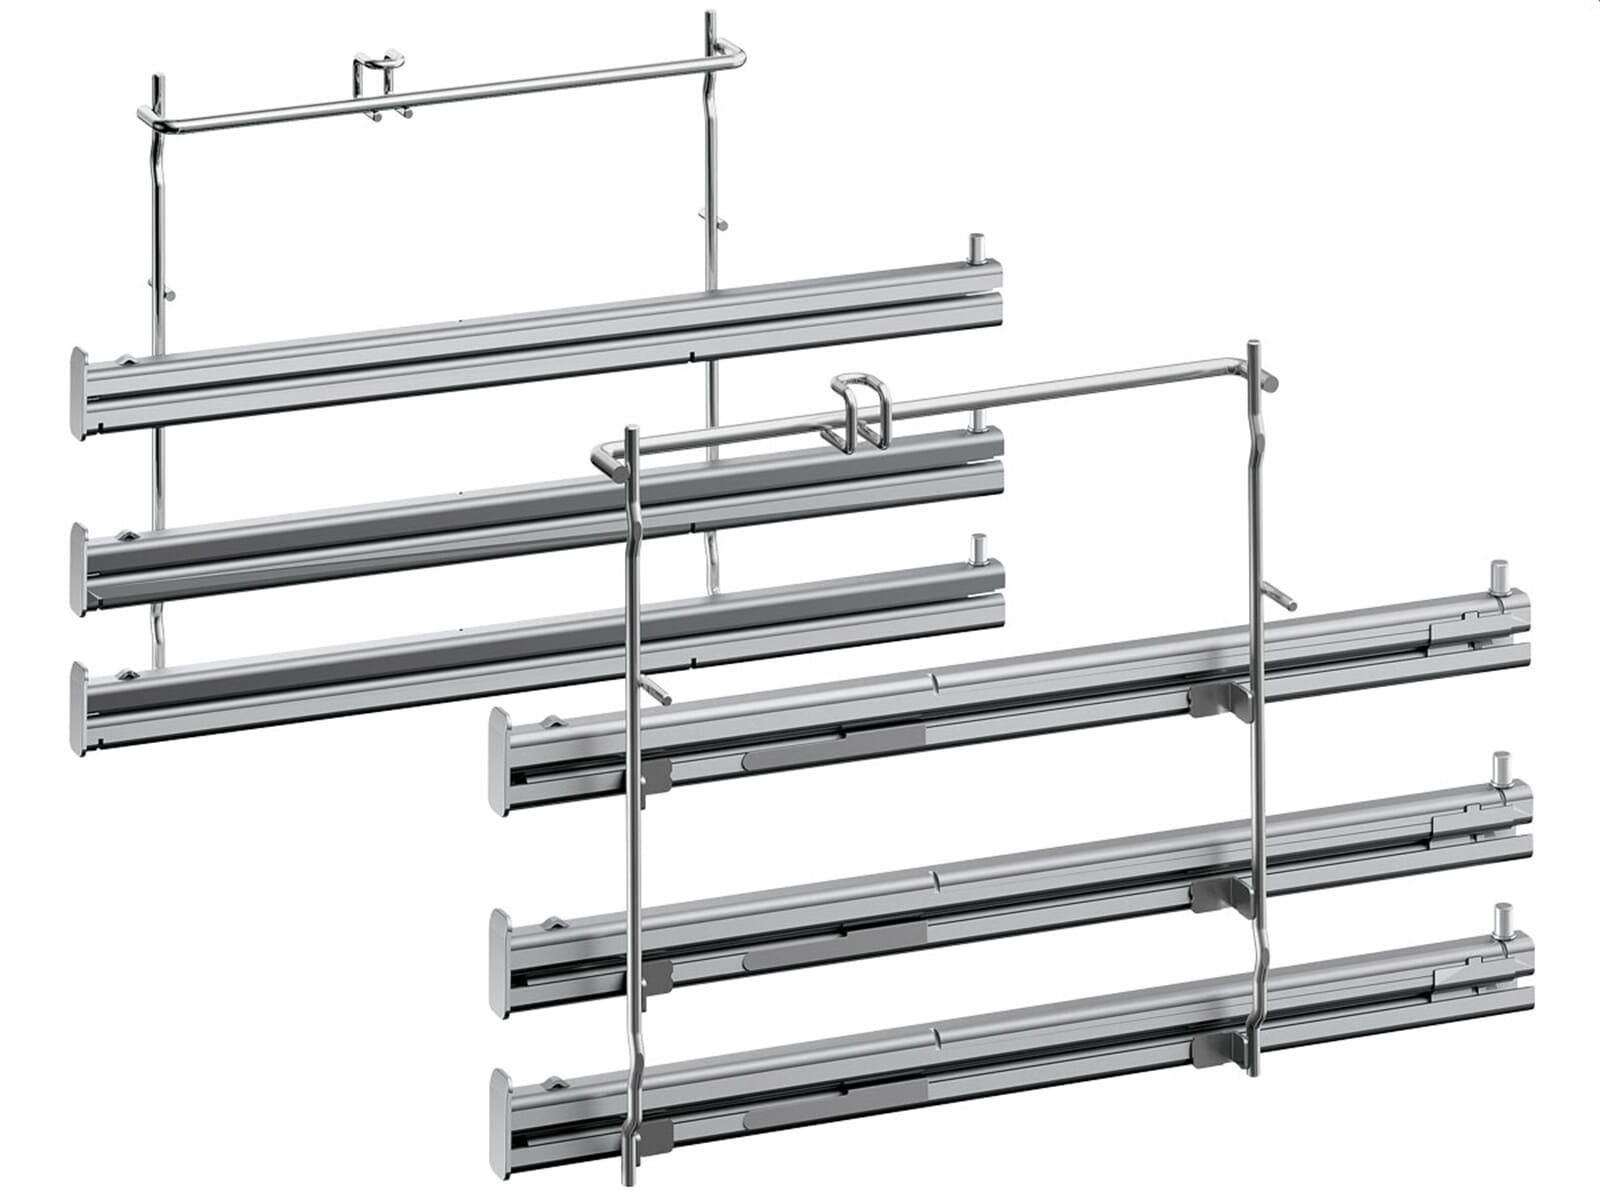 Neff Pyr 6011 Set Backofen BCR 2522 N + Glaskeramikkochfeld TBT 1676 N